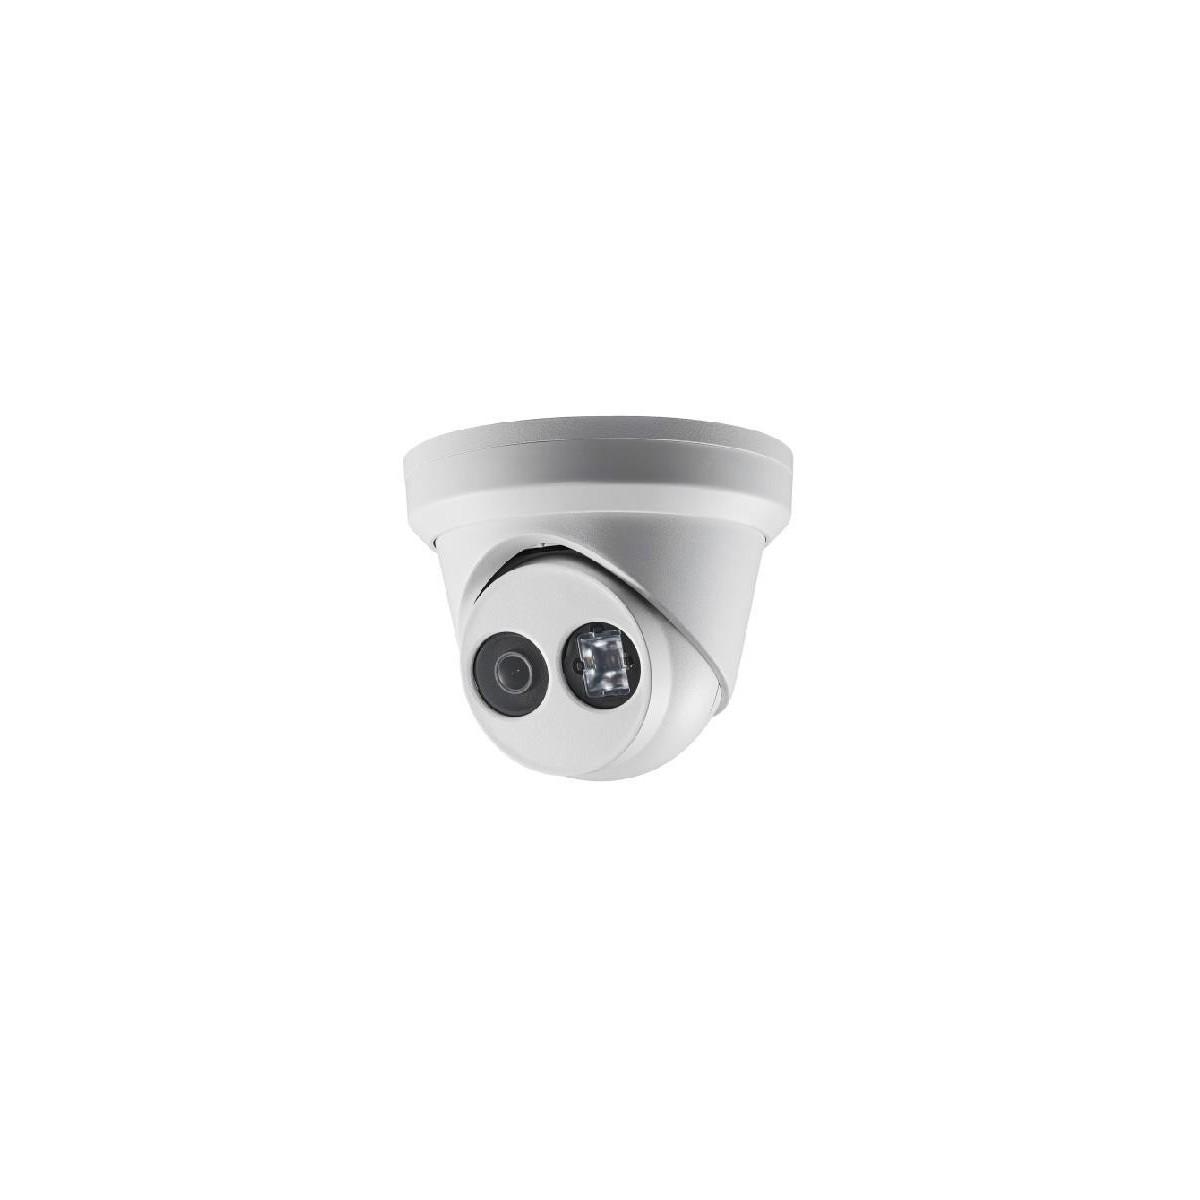 Hikvision DS-2CD2323G0-I Exir turret  telecamera  (2.8MM)